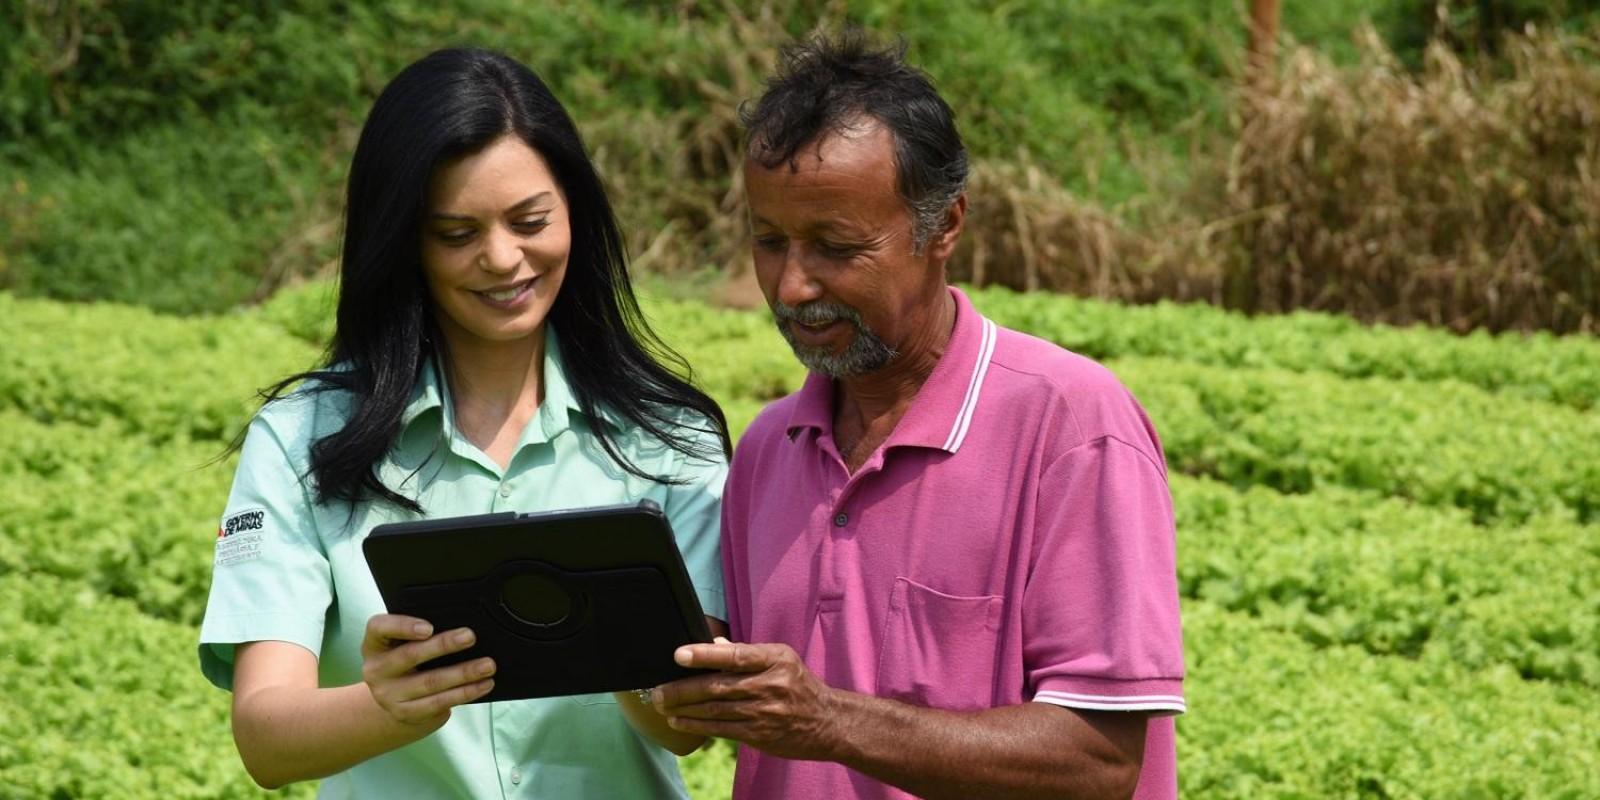 Decreto presidencial acaba com limite de valor para projetos assinados por técnicos agrícolas